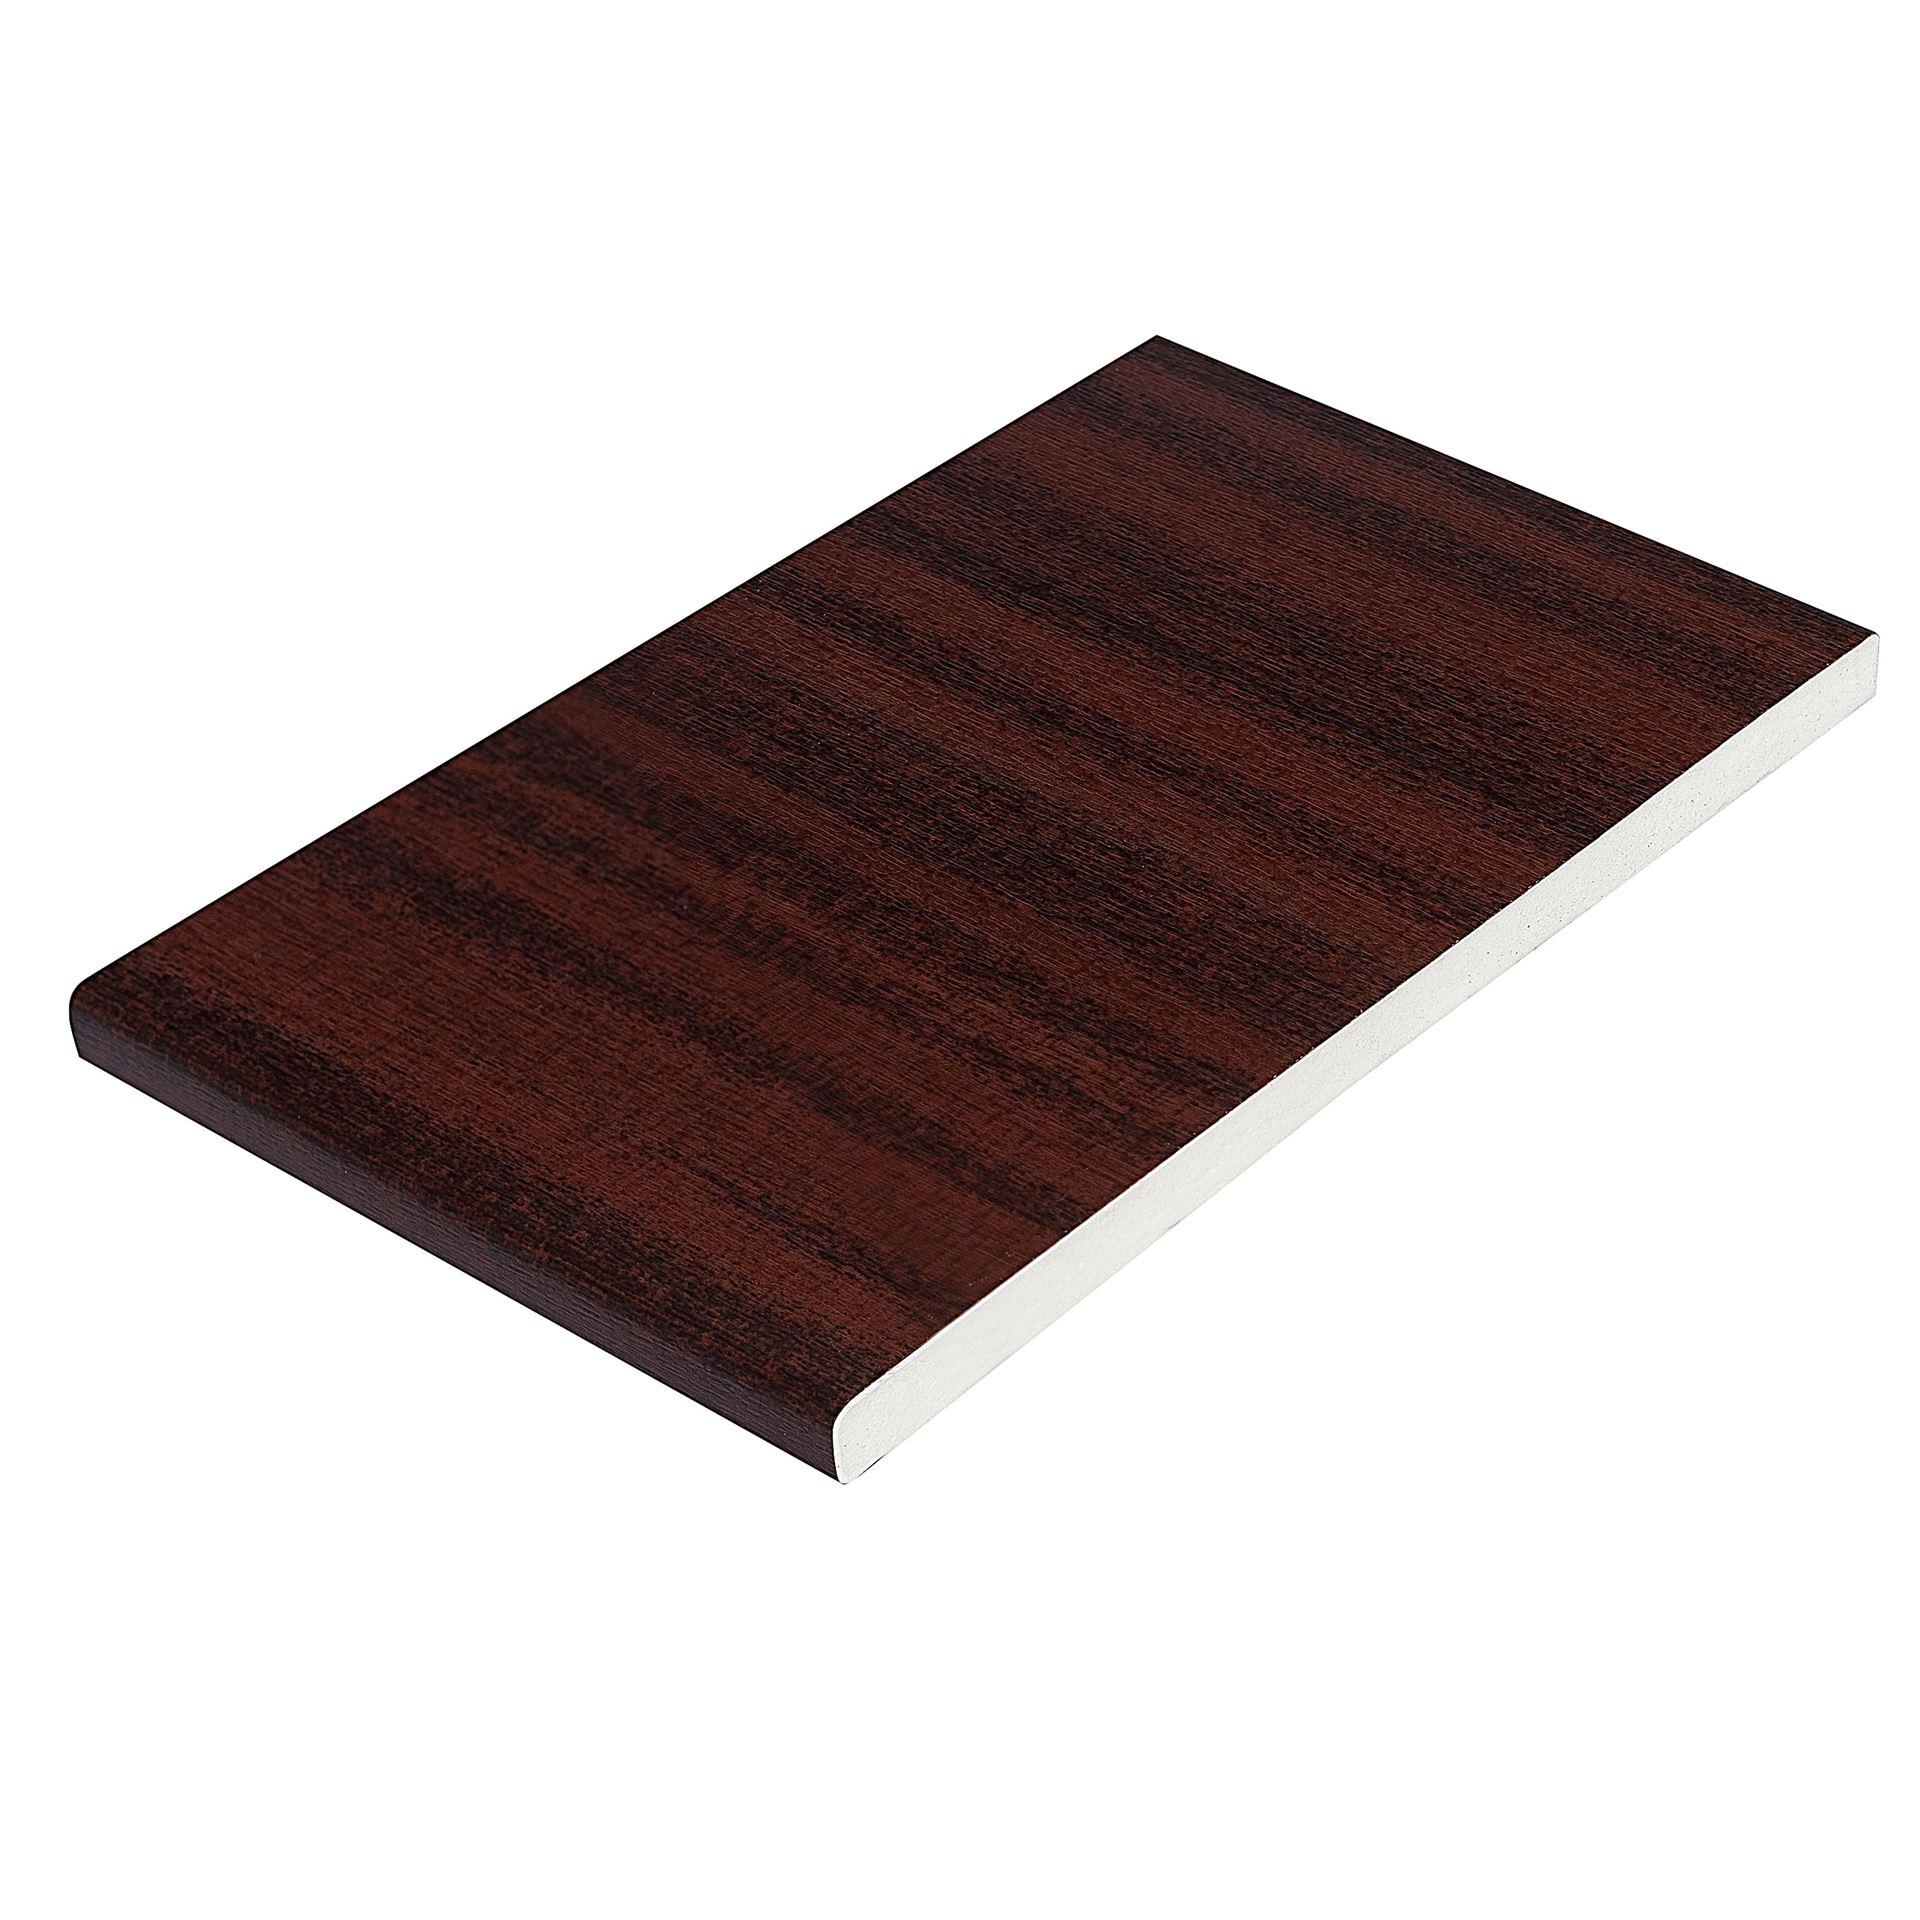 Mahogany Flat Board